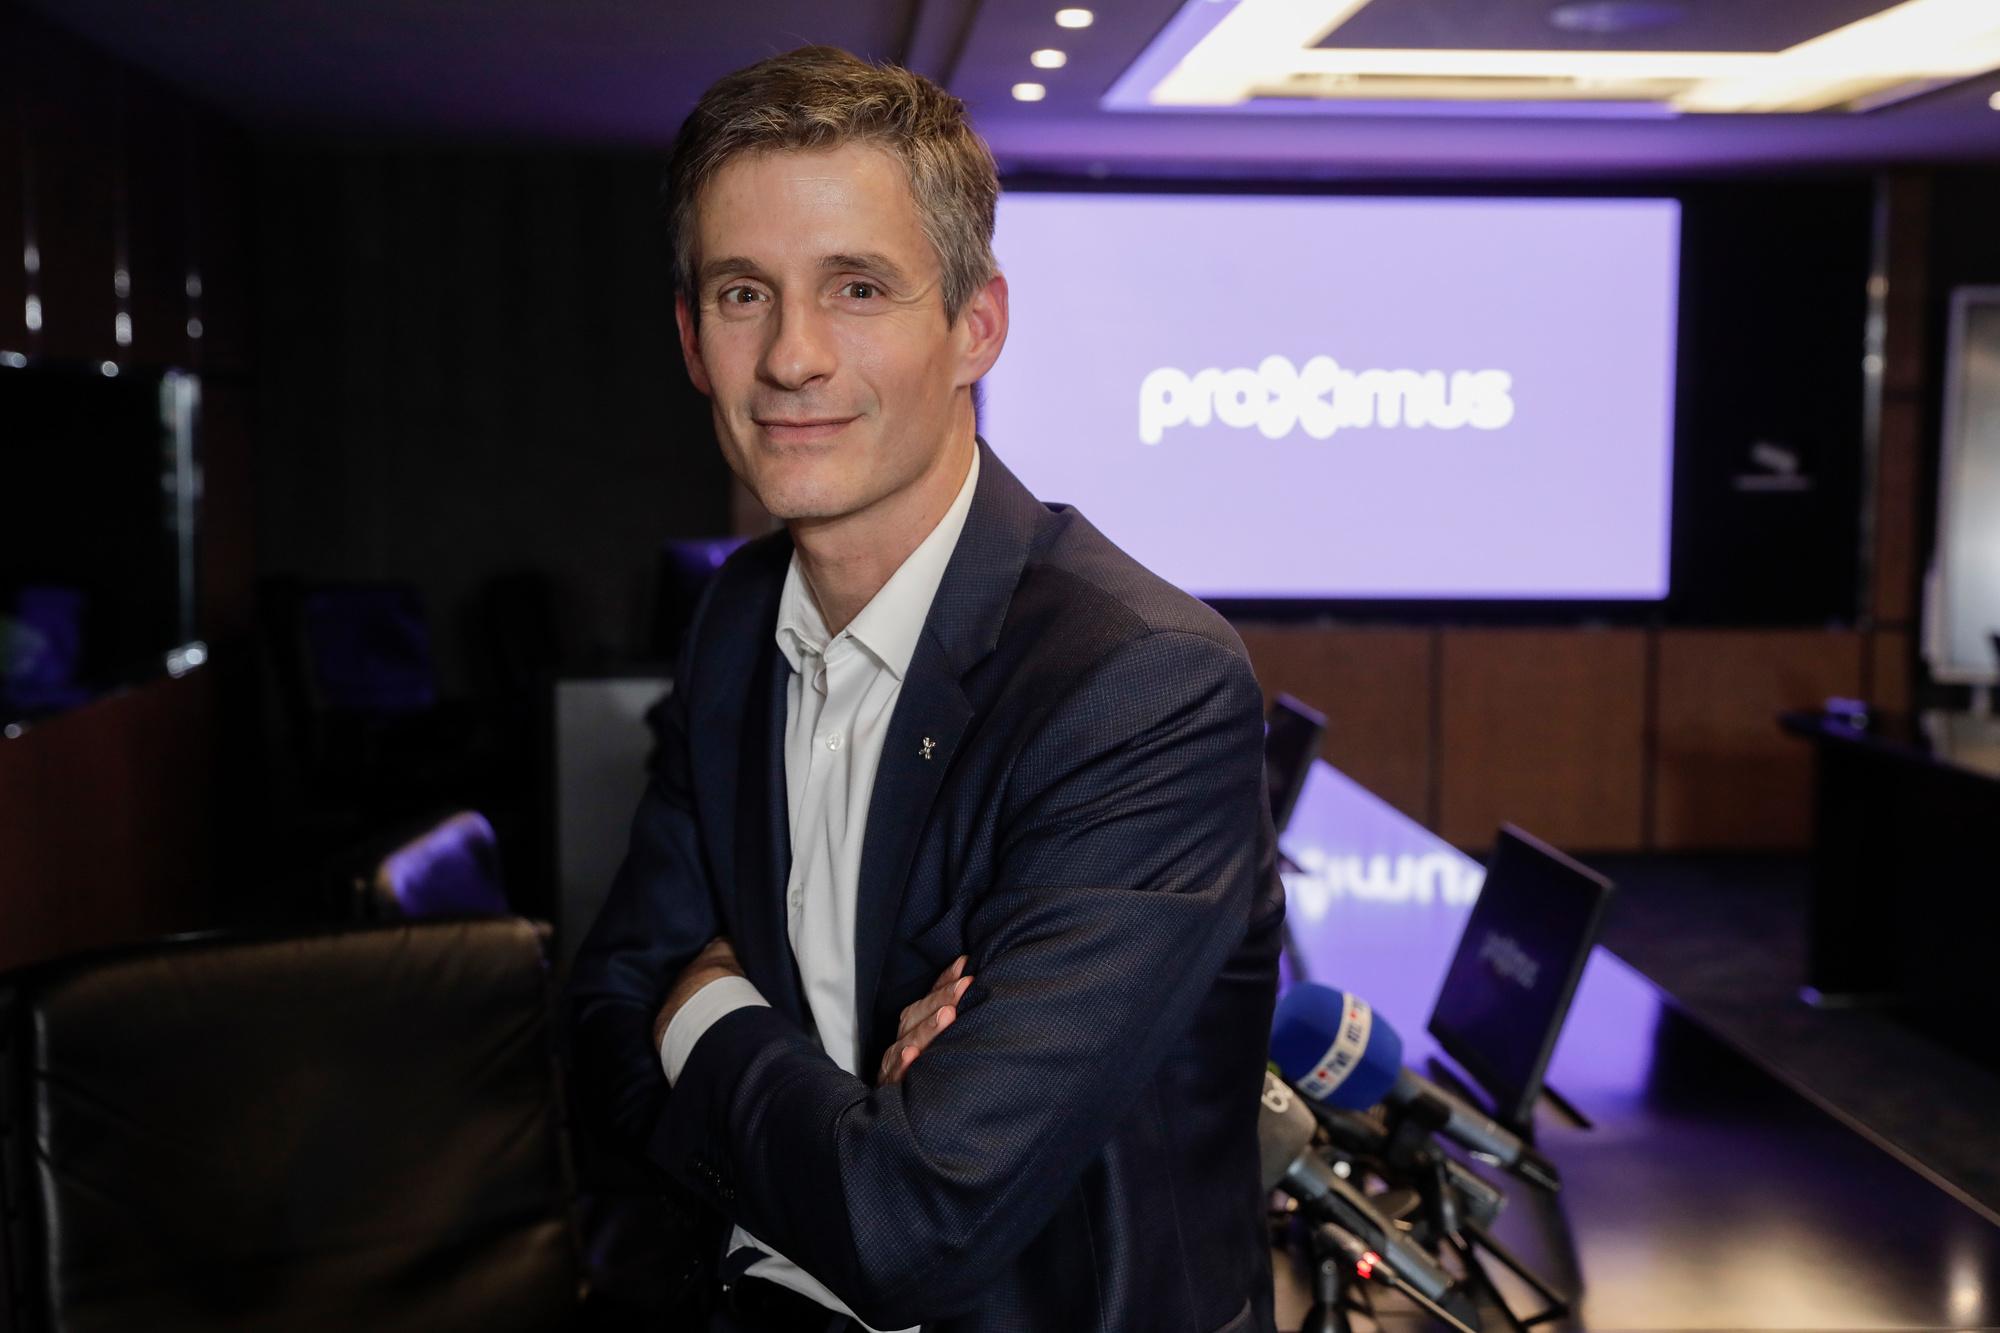 Guillaume Boutin, belgaimage